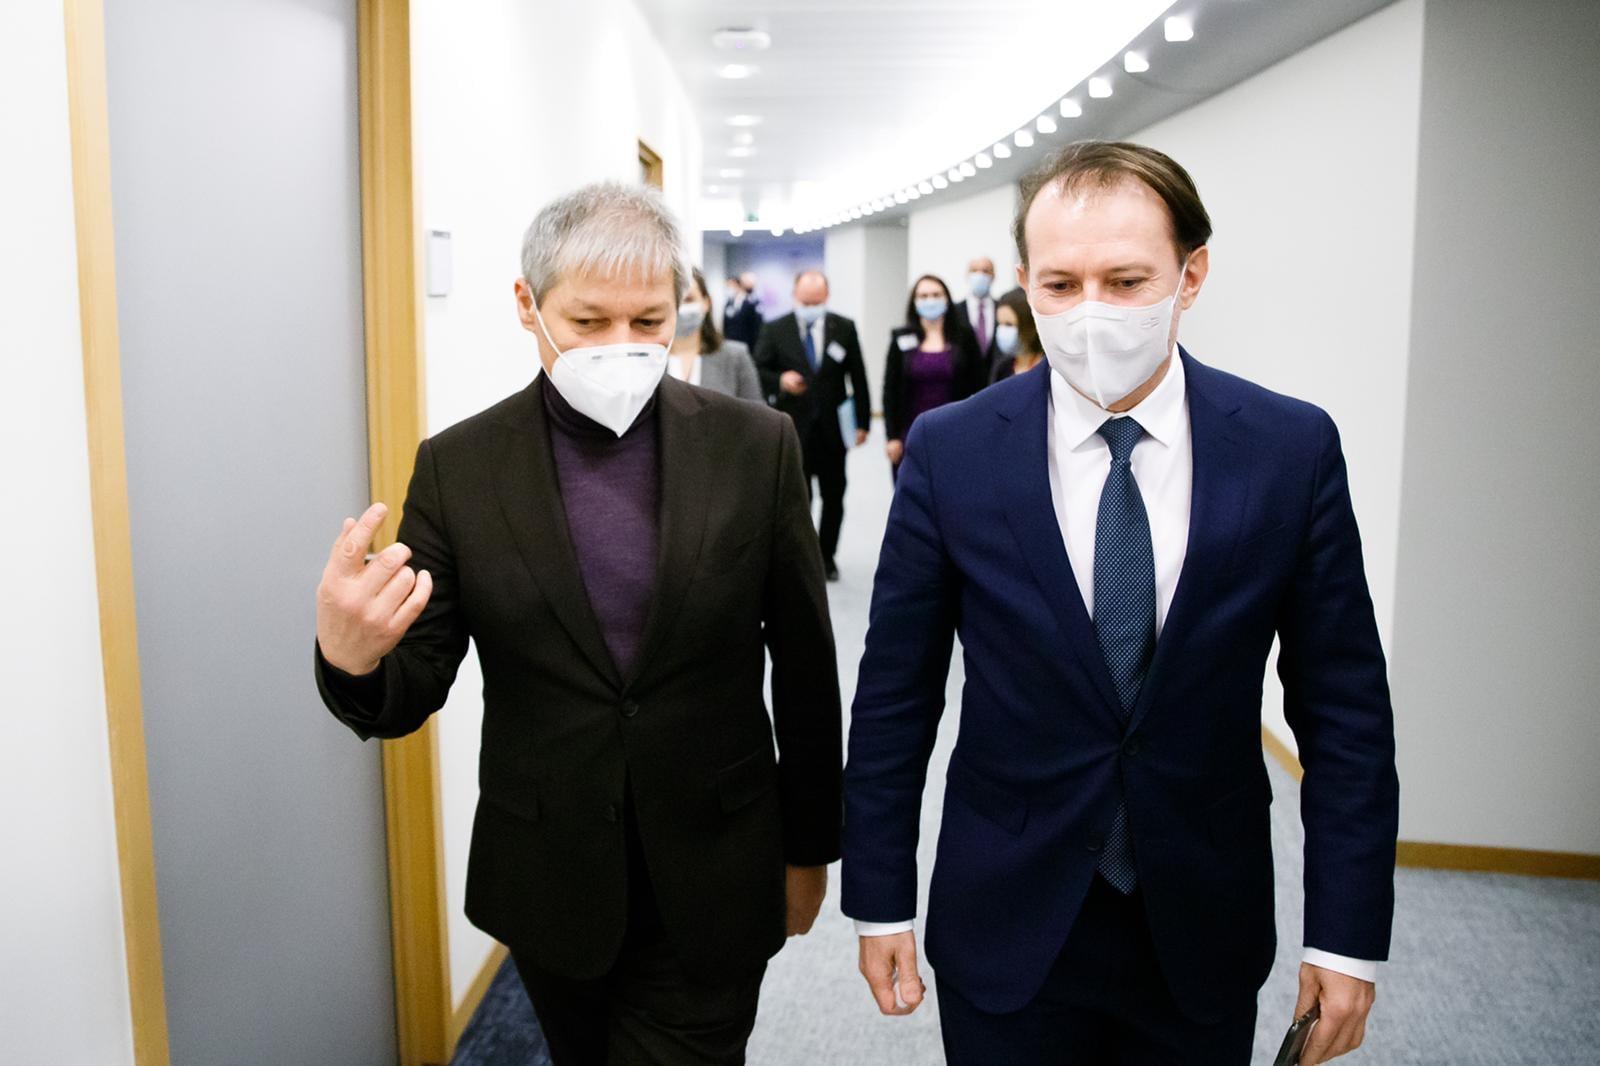 Scandalul din coaliția de guvernare continuă. Dacian Cioloș: Premierul Cîțu prezintă probleme imense de integritate